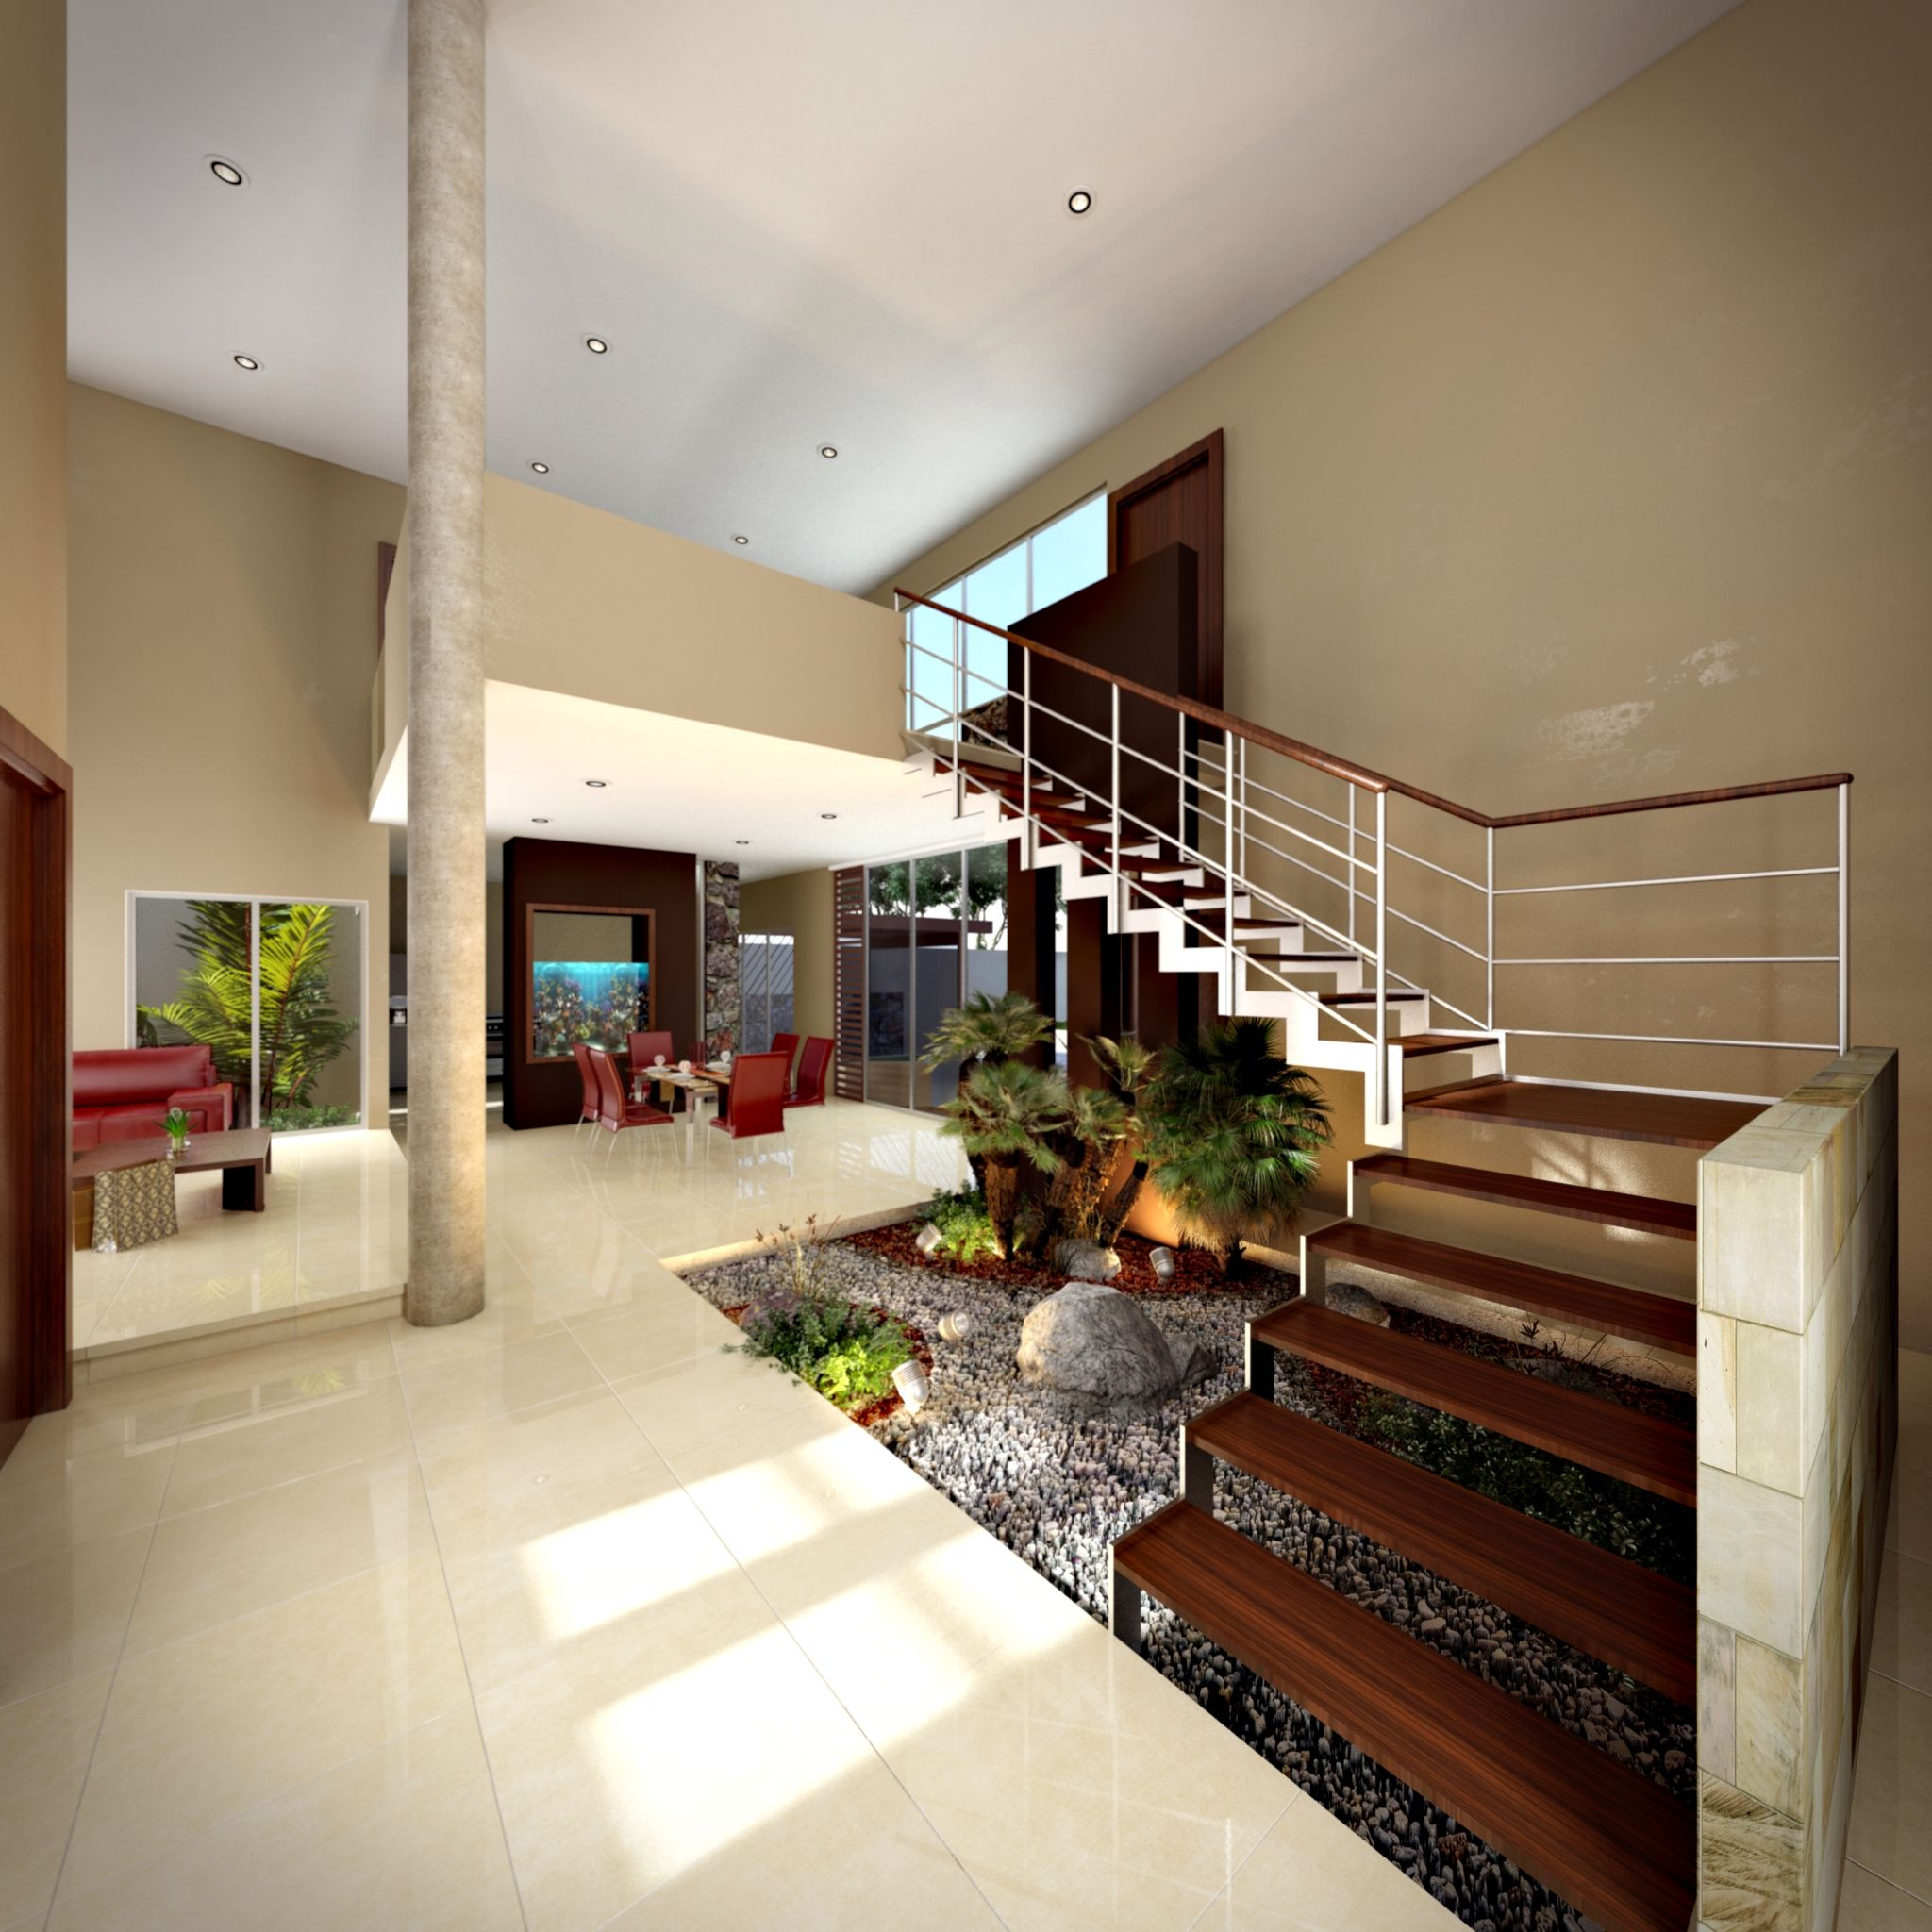 V stibulo a doble altura escaleras con pelda os de madera - Diseno de jardines interiores ...